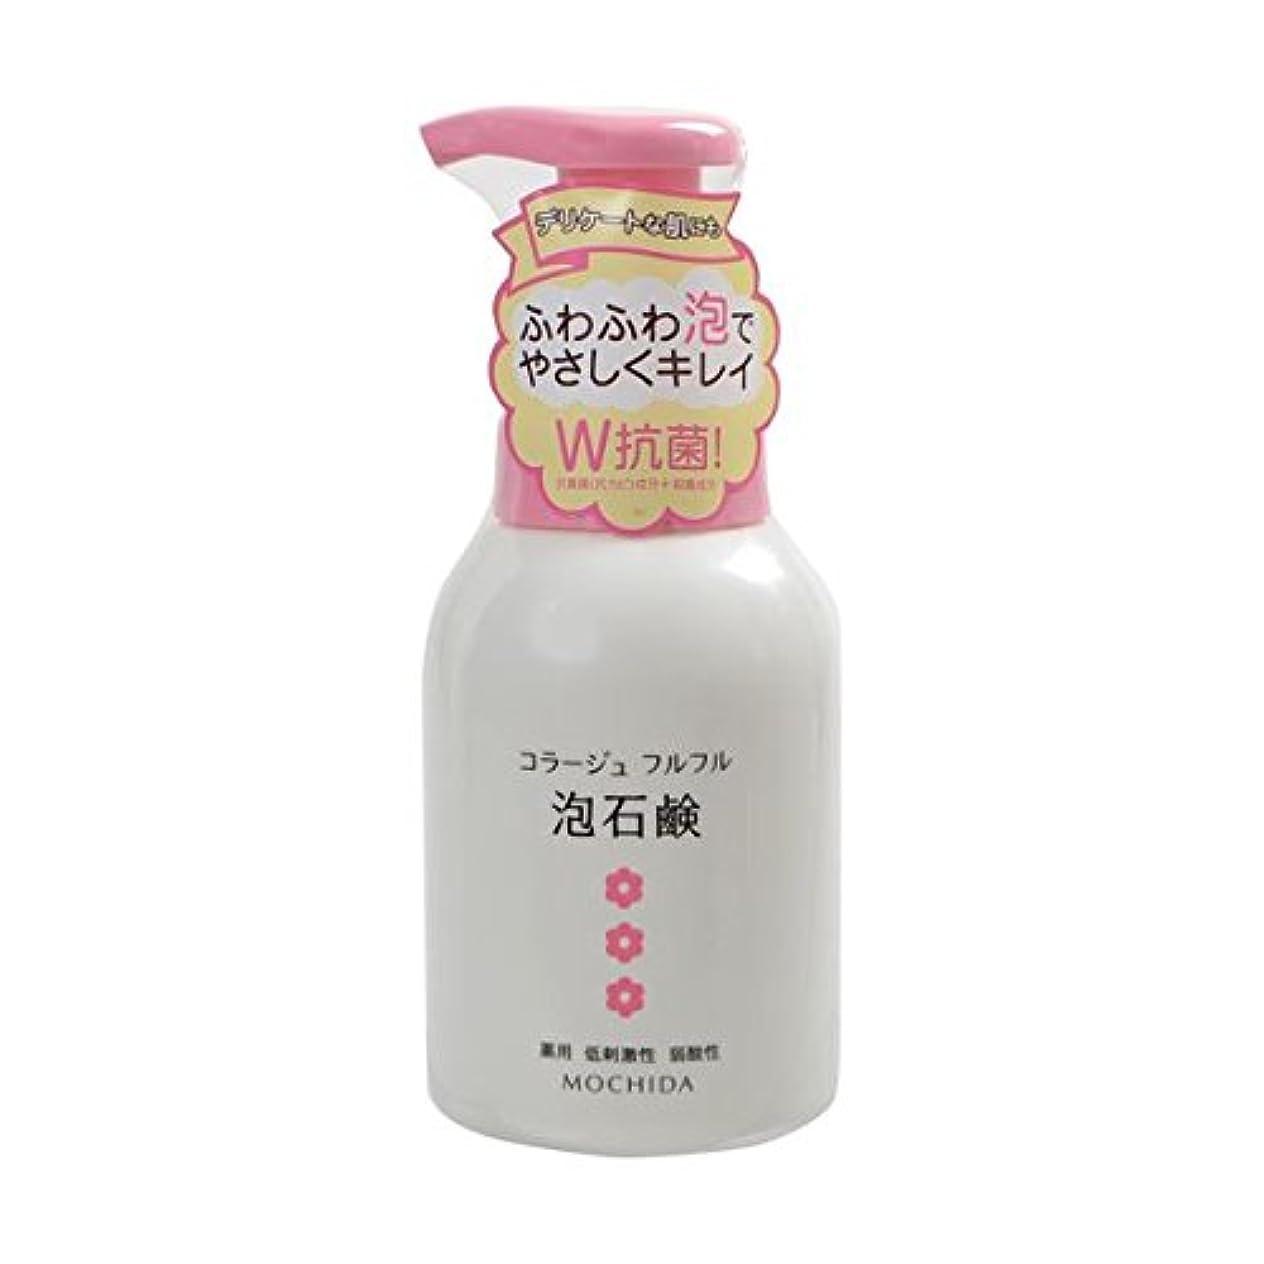 長椅子ボンド単調な【まとめ買い】コラージュフルフル 泡石鹸 ピンク 300mL×3個セット(医薬部外品)